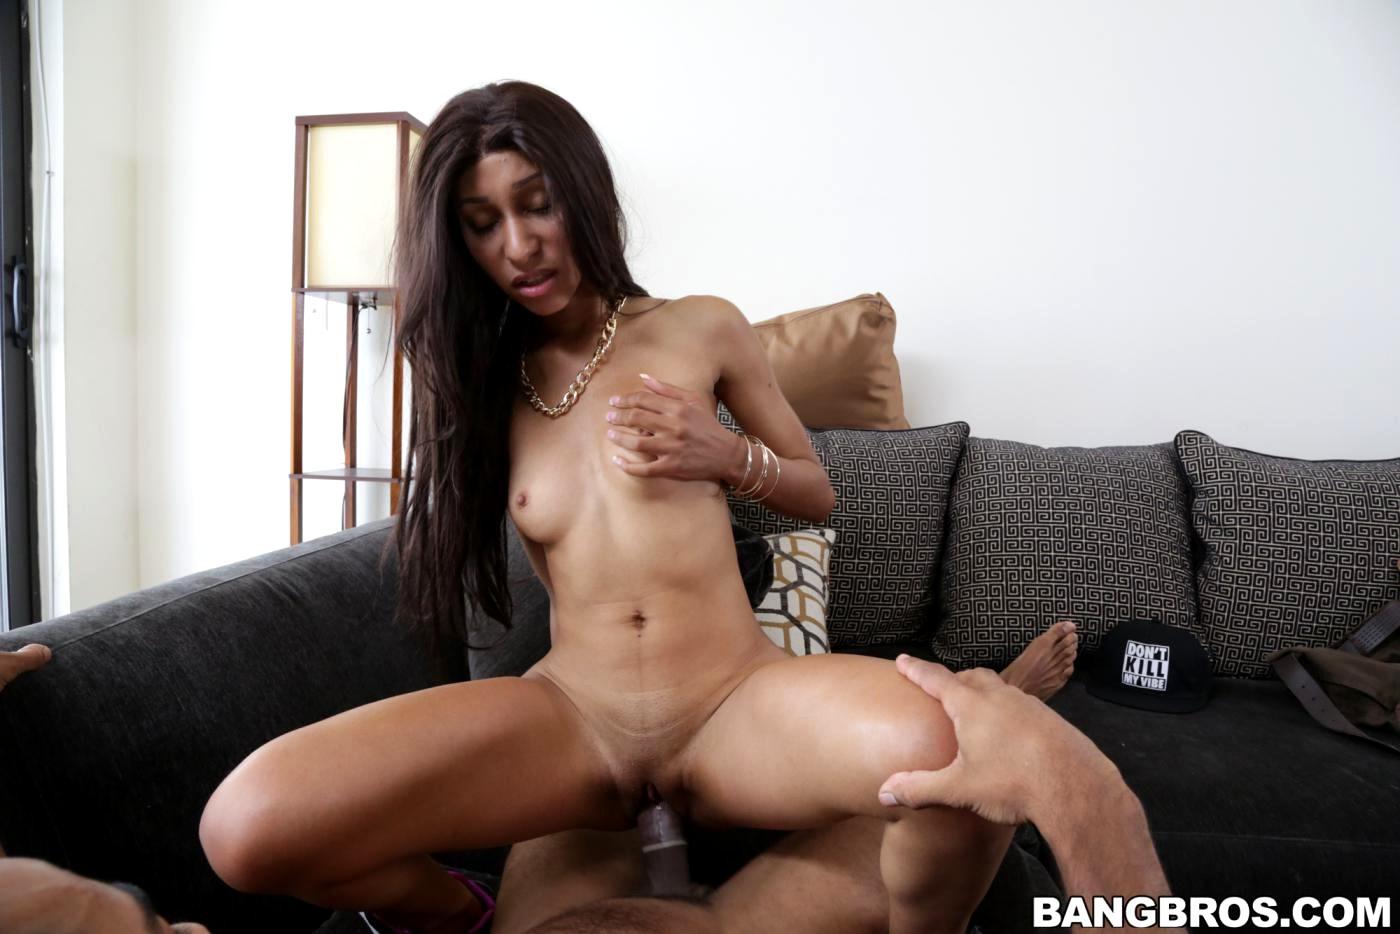 Ass fingering during sex